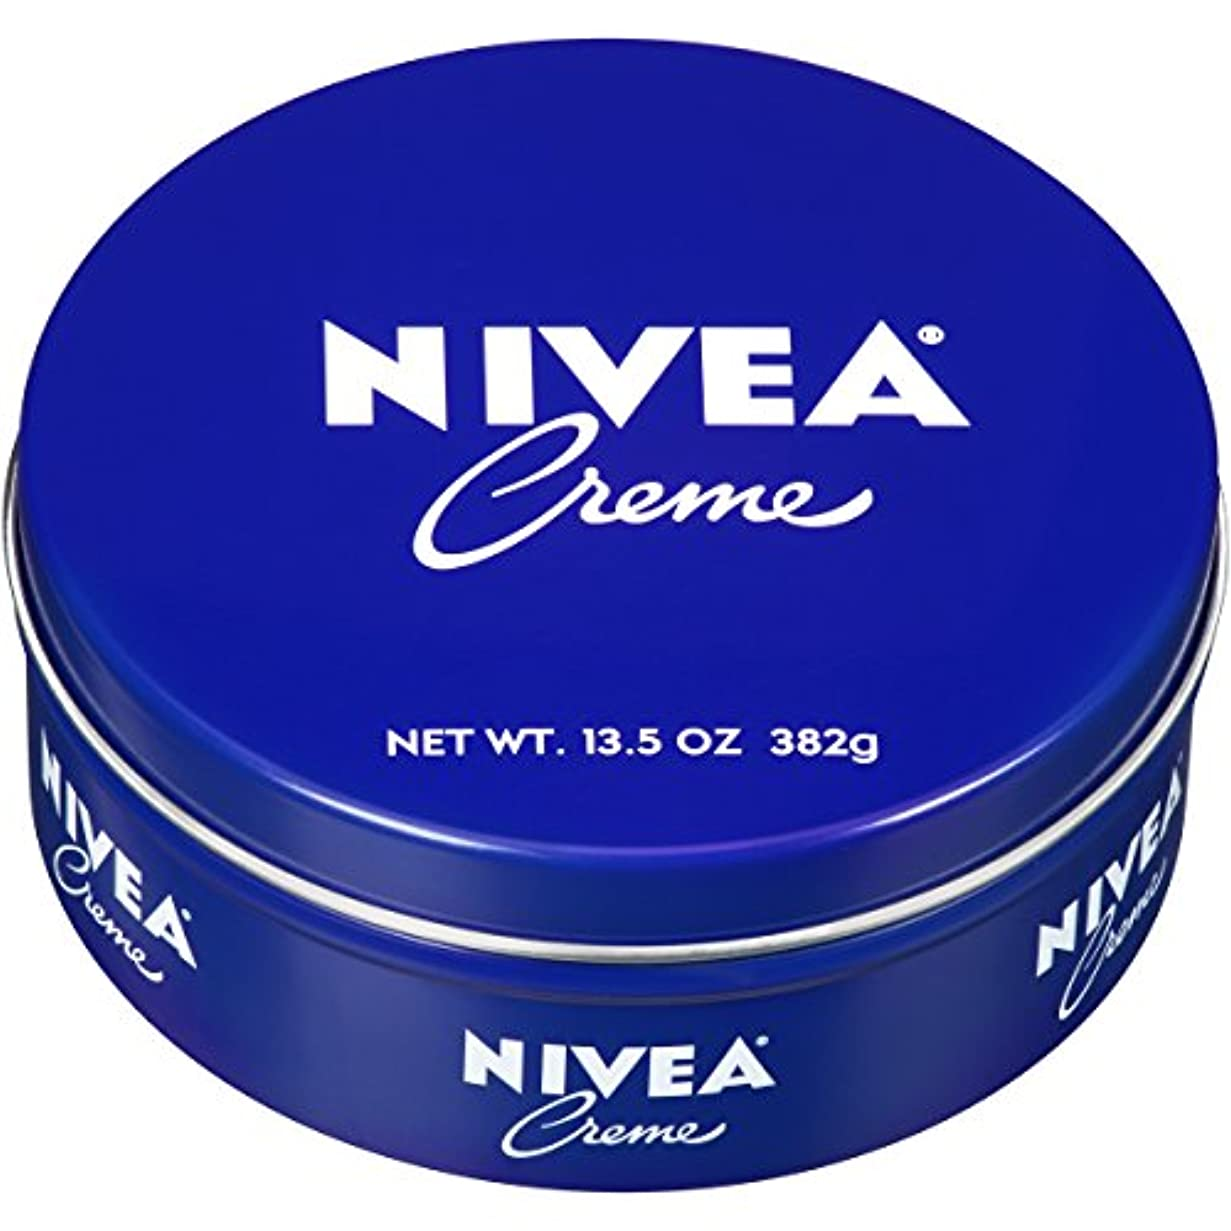 エレクトロニックテニス増強NIVEA ニベア クリーム 特大サイズ 400g アルミ缶